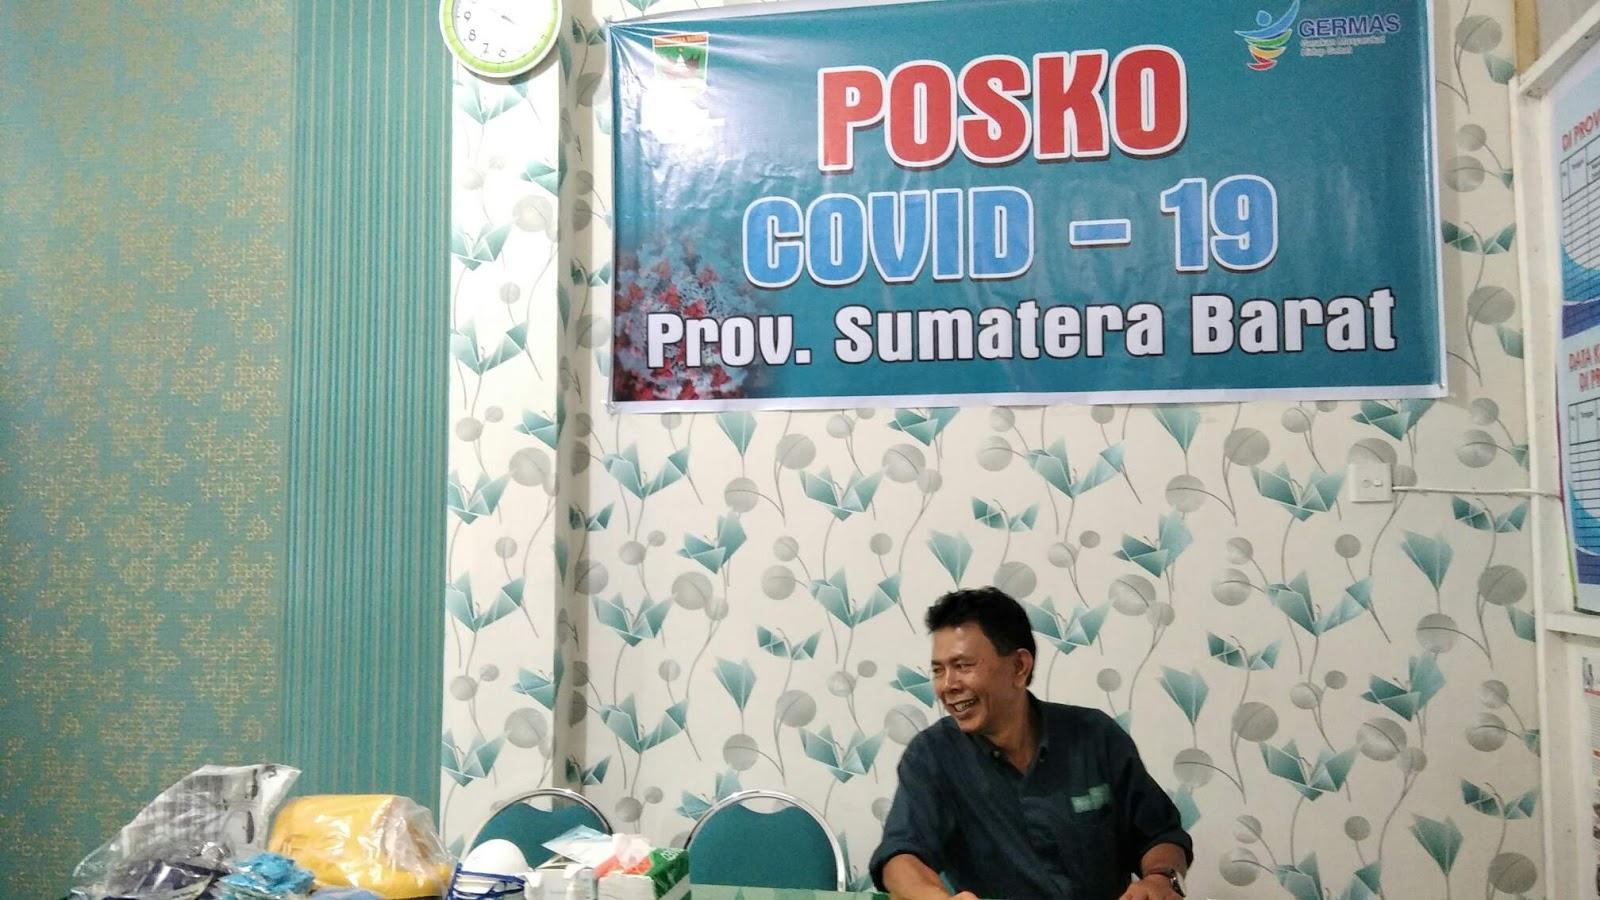 Posko Covid-19 yang ada di Kantor Dinas Kesehatan Provinsi Sumatera Barat